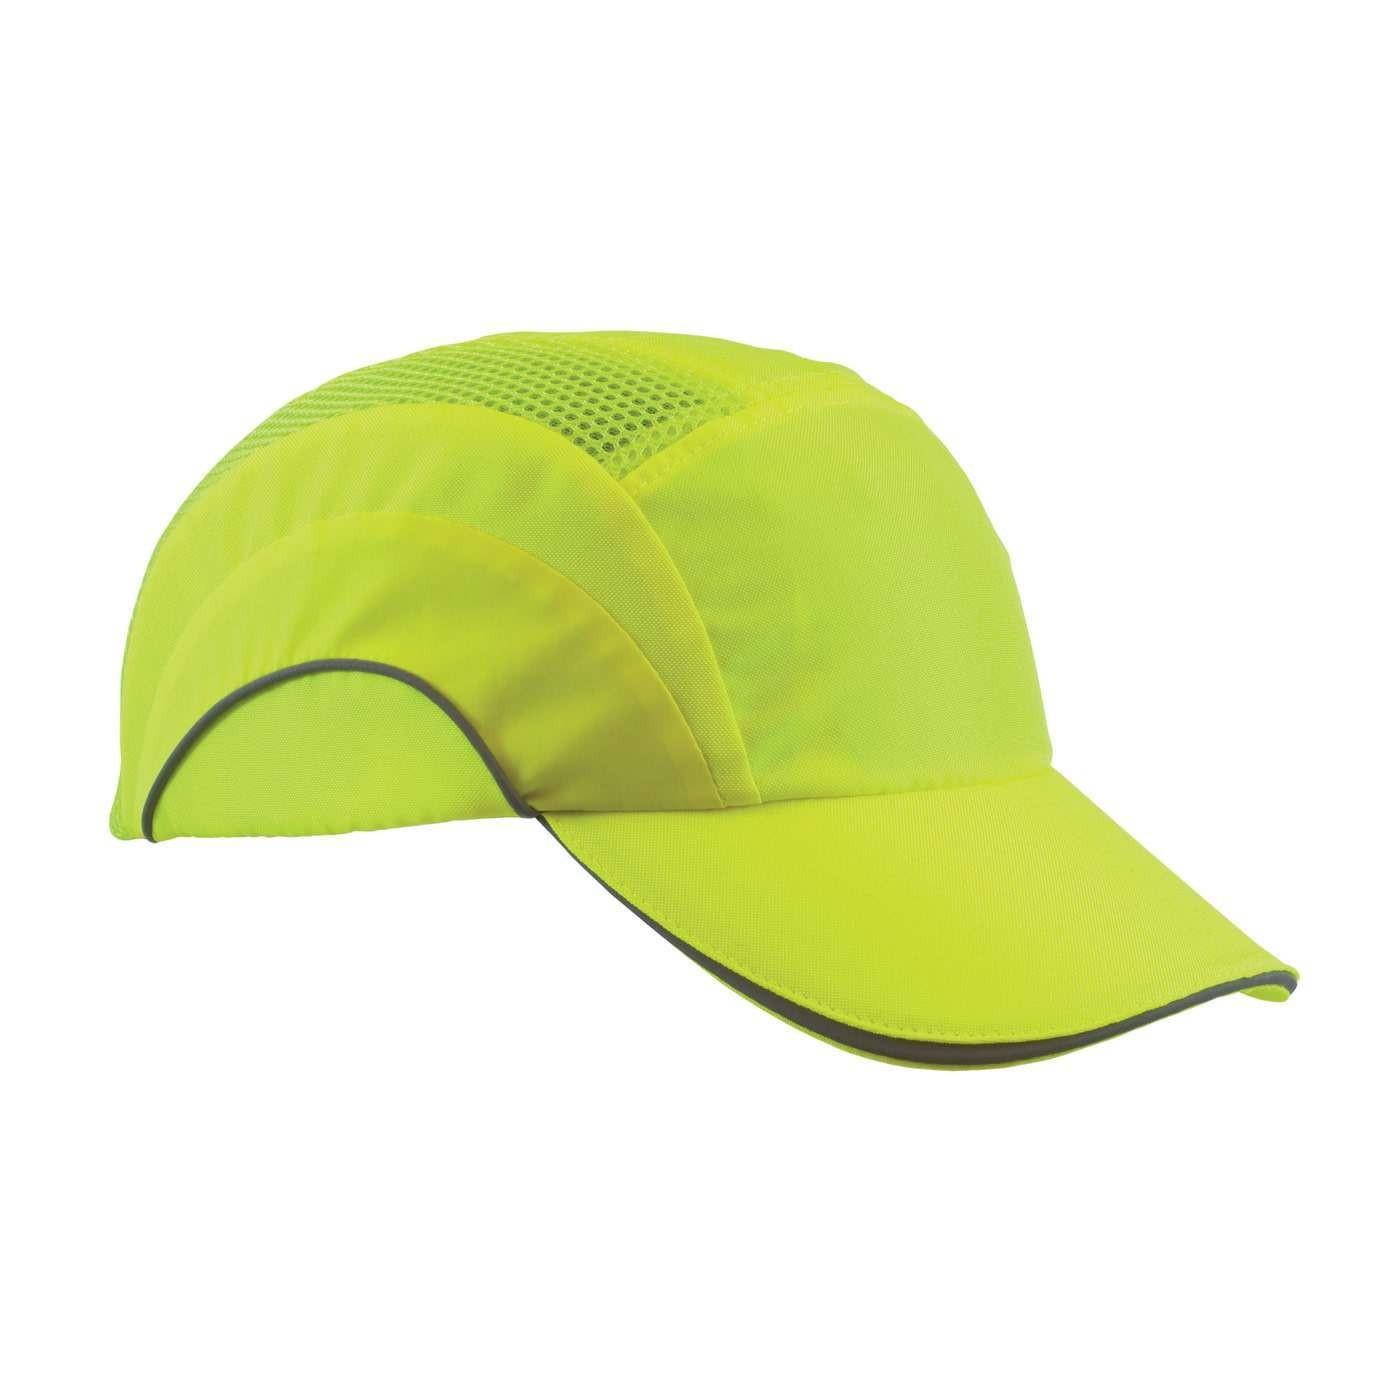 41514d453be Hi-Vis HardCap A1+® Bump Cap